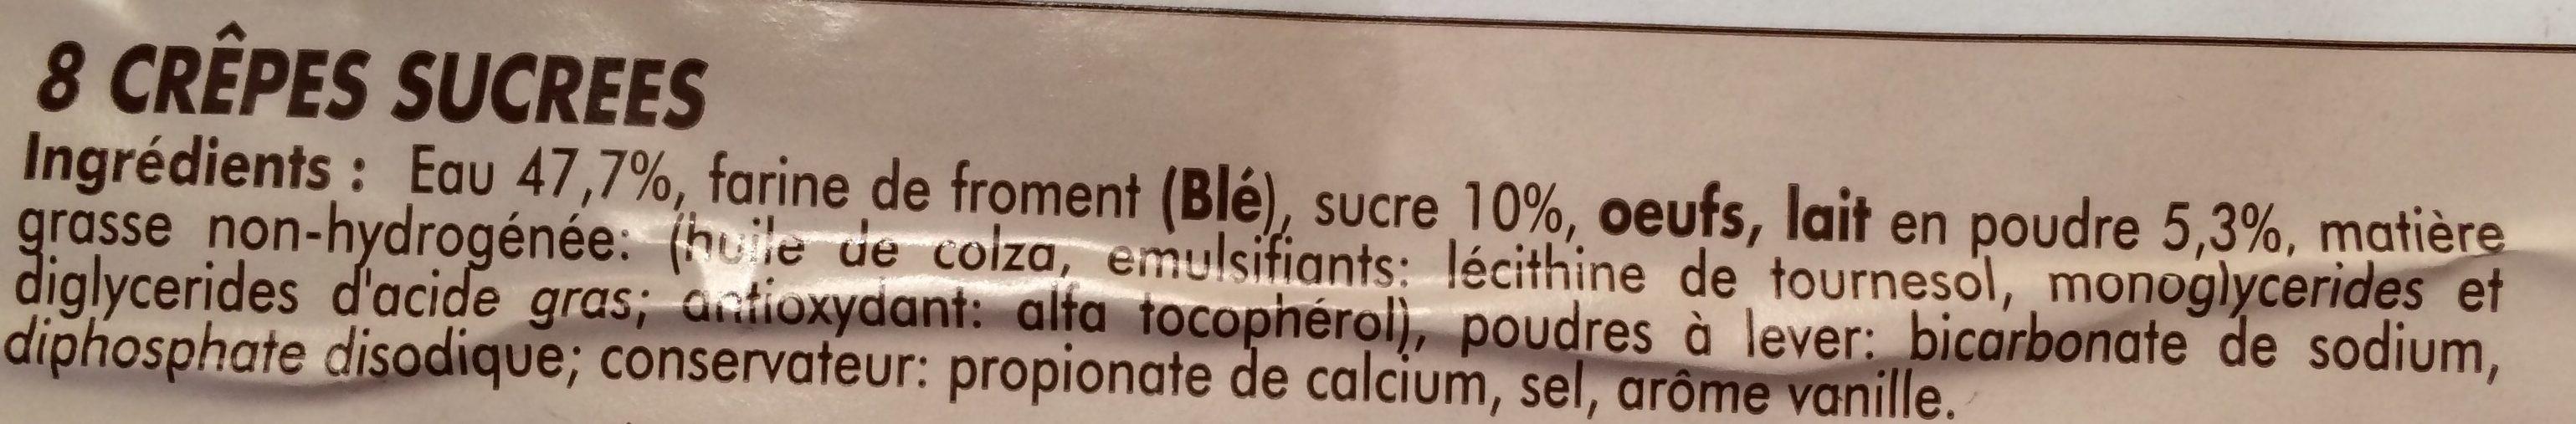 8 cr pes sucr es chabrior 400 g e - Bicarbonate de soude intermarche ...